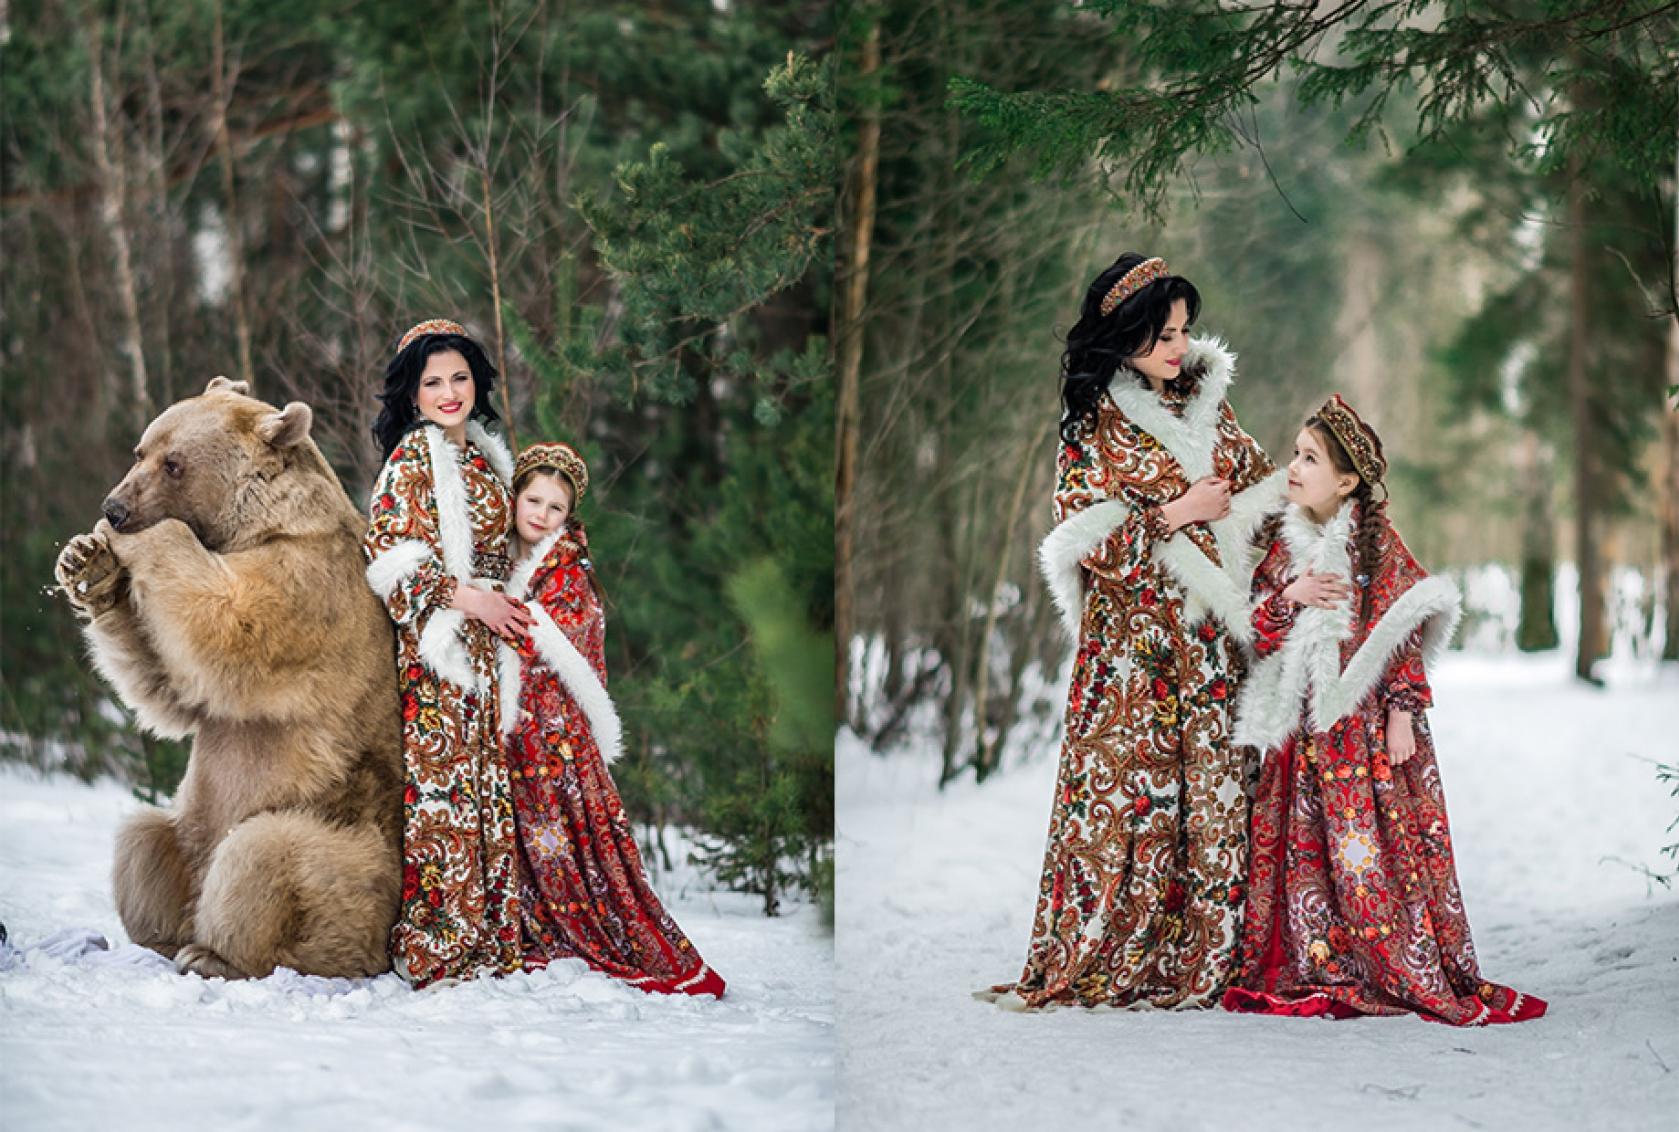 Мама с дочкой в русских народных костюмах фотосесси зимой с медведем